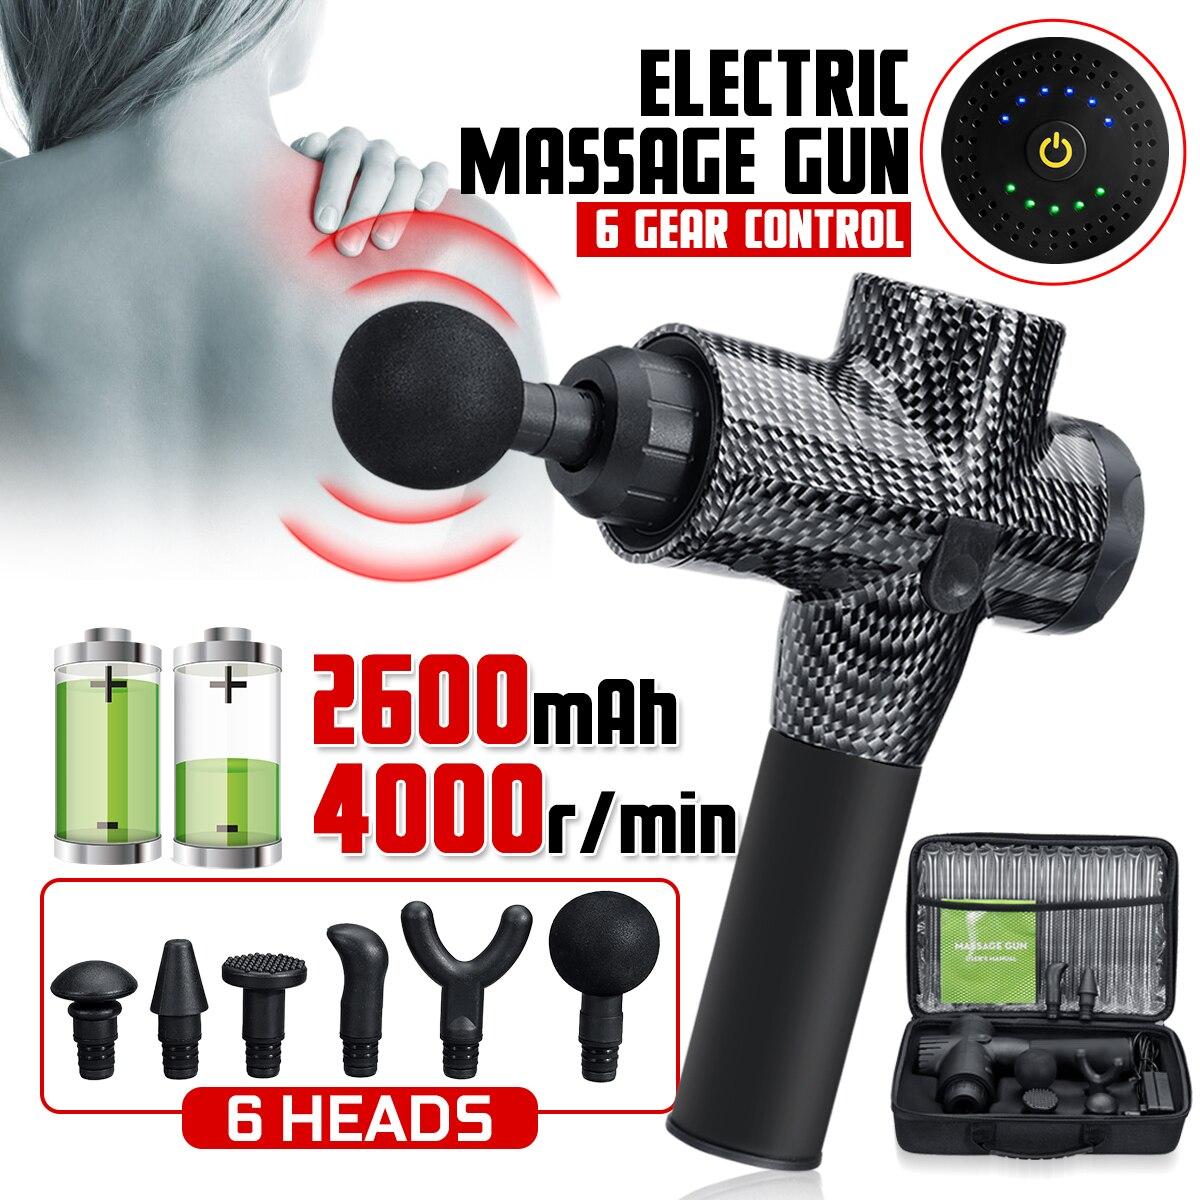 4000r/min Led-anzeige Massage Guns 5 Gears Muscle Massager Schmerzen Sport Massage Maschine Entspannen Körper Abnehmen Relief 6 köpfe